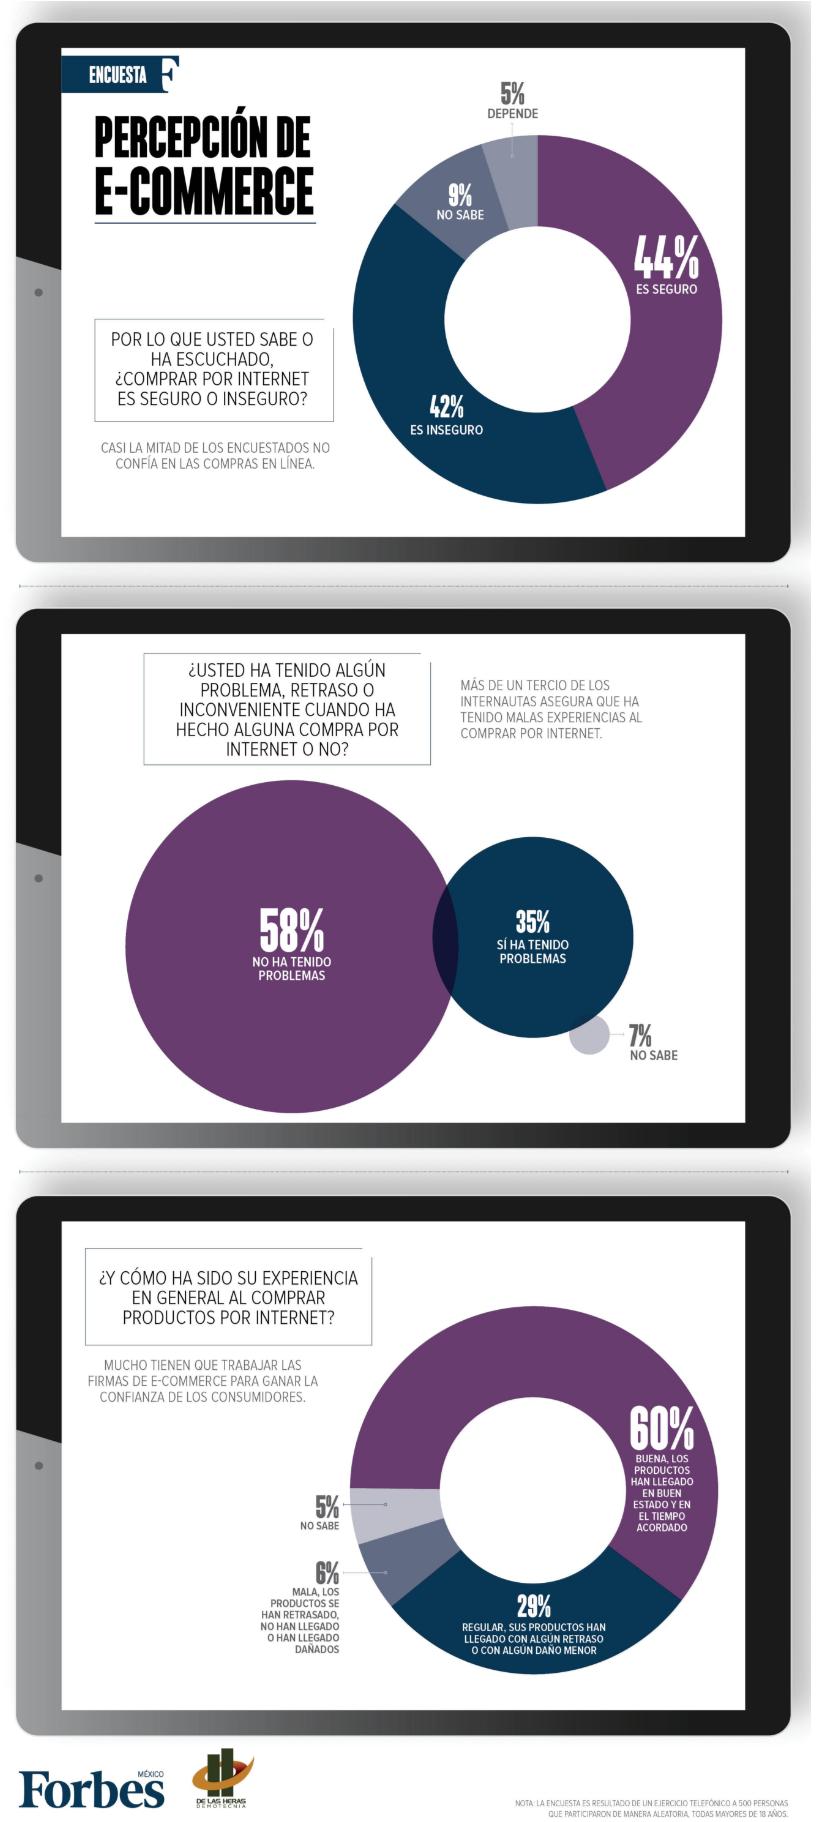 b2a2ae95 42% de mexicanos desconfía de las compras por Internet: encuesta